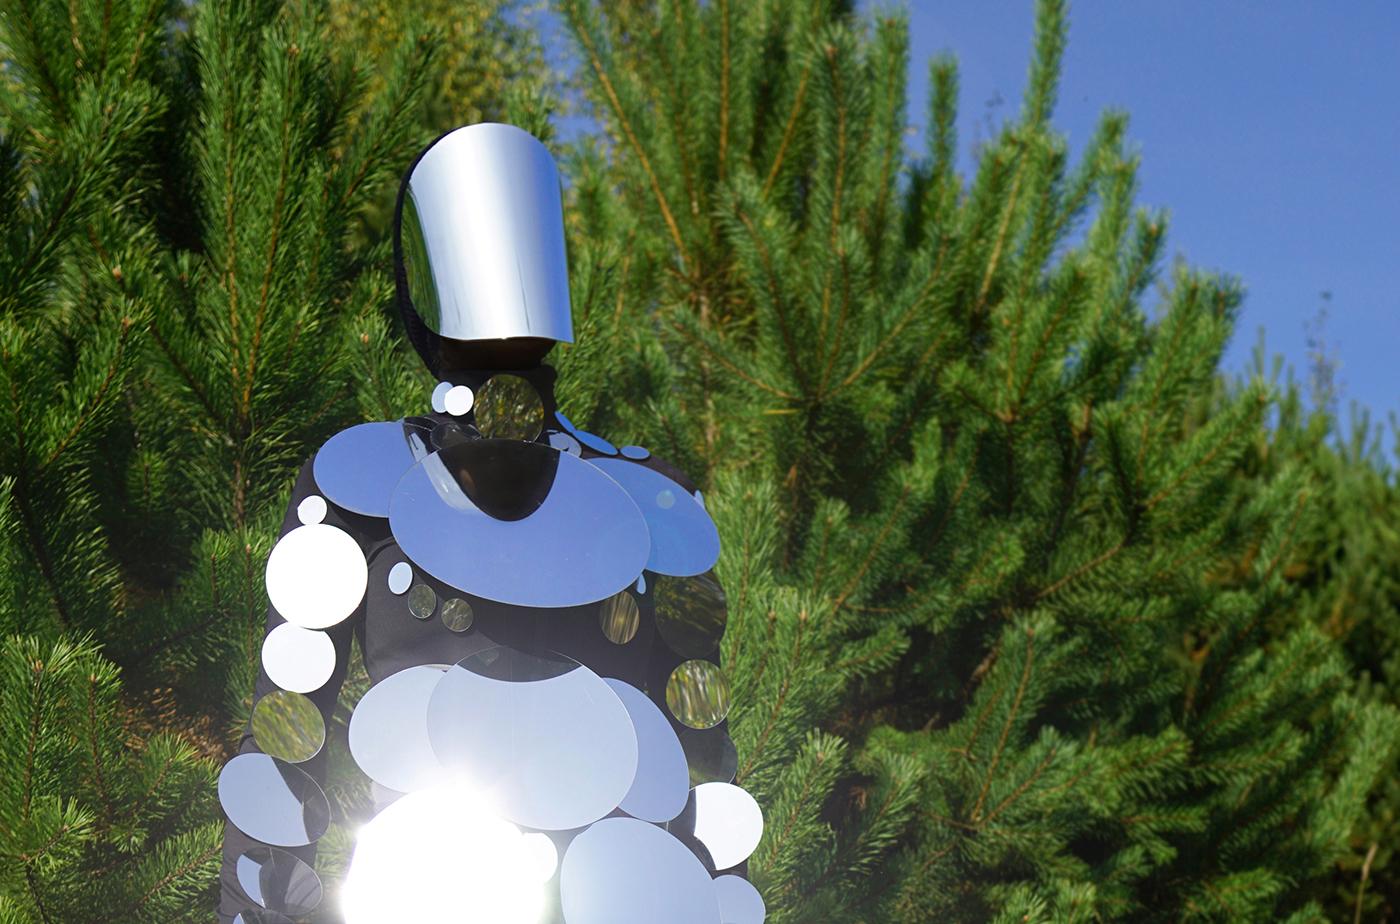 contemporary art art photoart Space  circles darkmatter light asteroidea